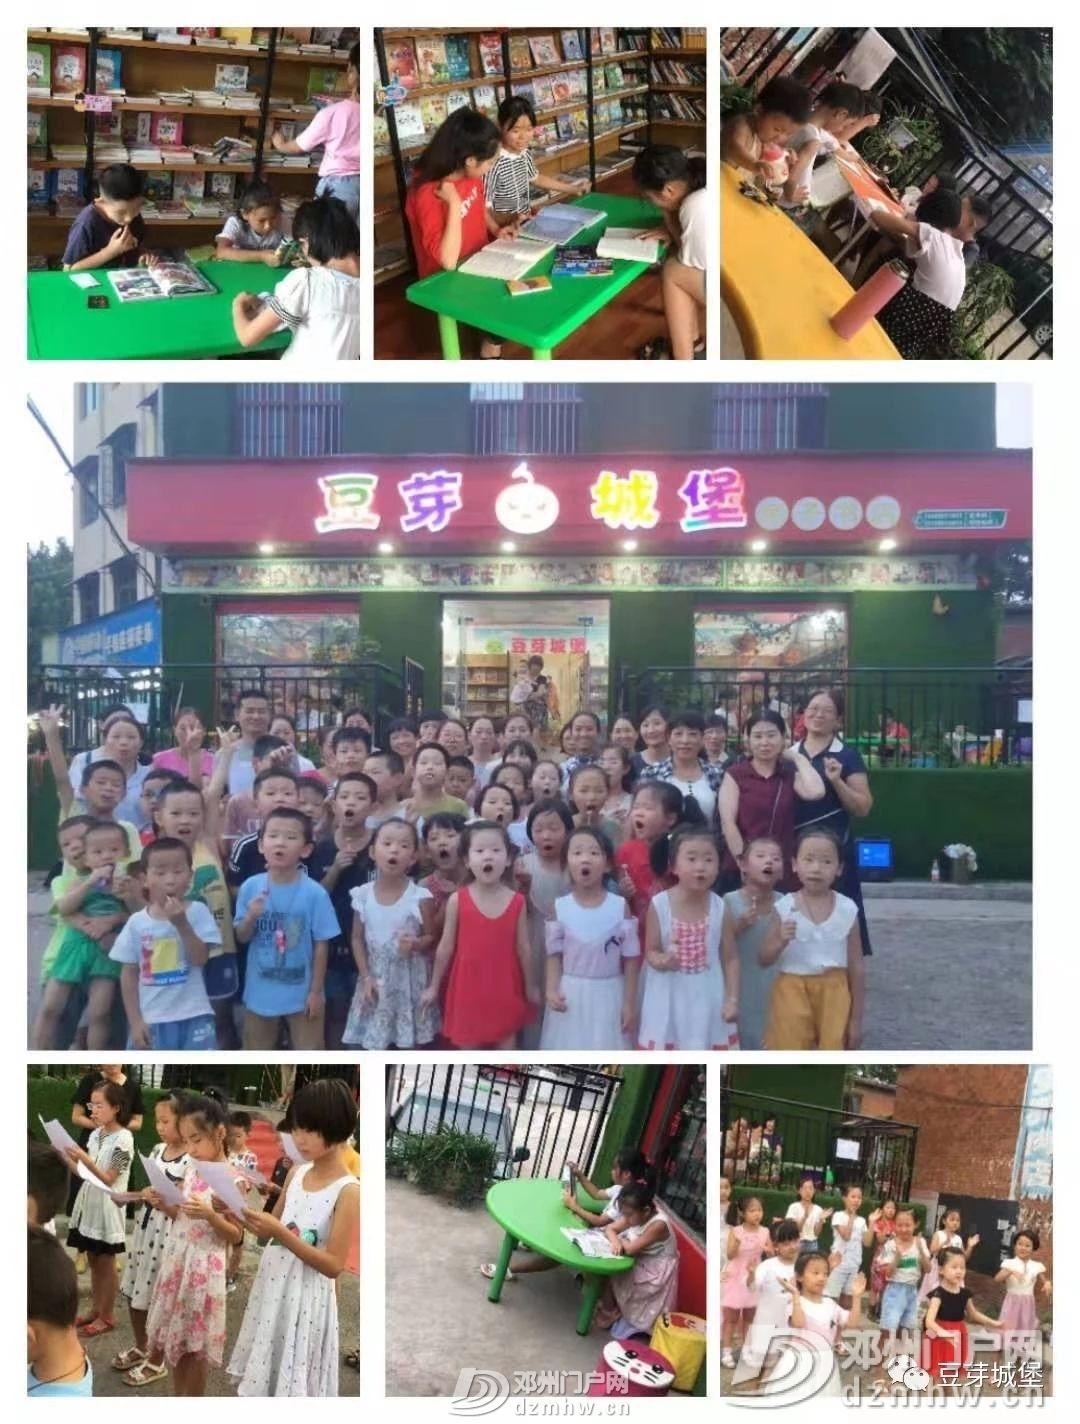 开学第一周,四场亲子活动等着你!VIP会员免费出游喽 - 邓州门户网|邓州网 - c290e2d52111494e6ec03e8d1cfde0c7.jpg